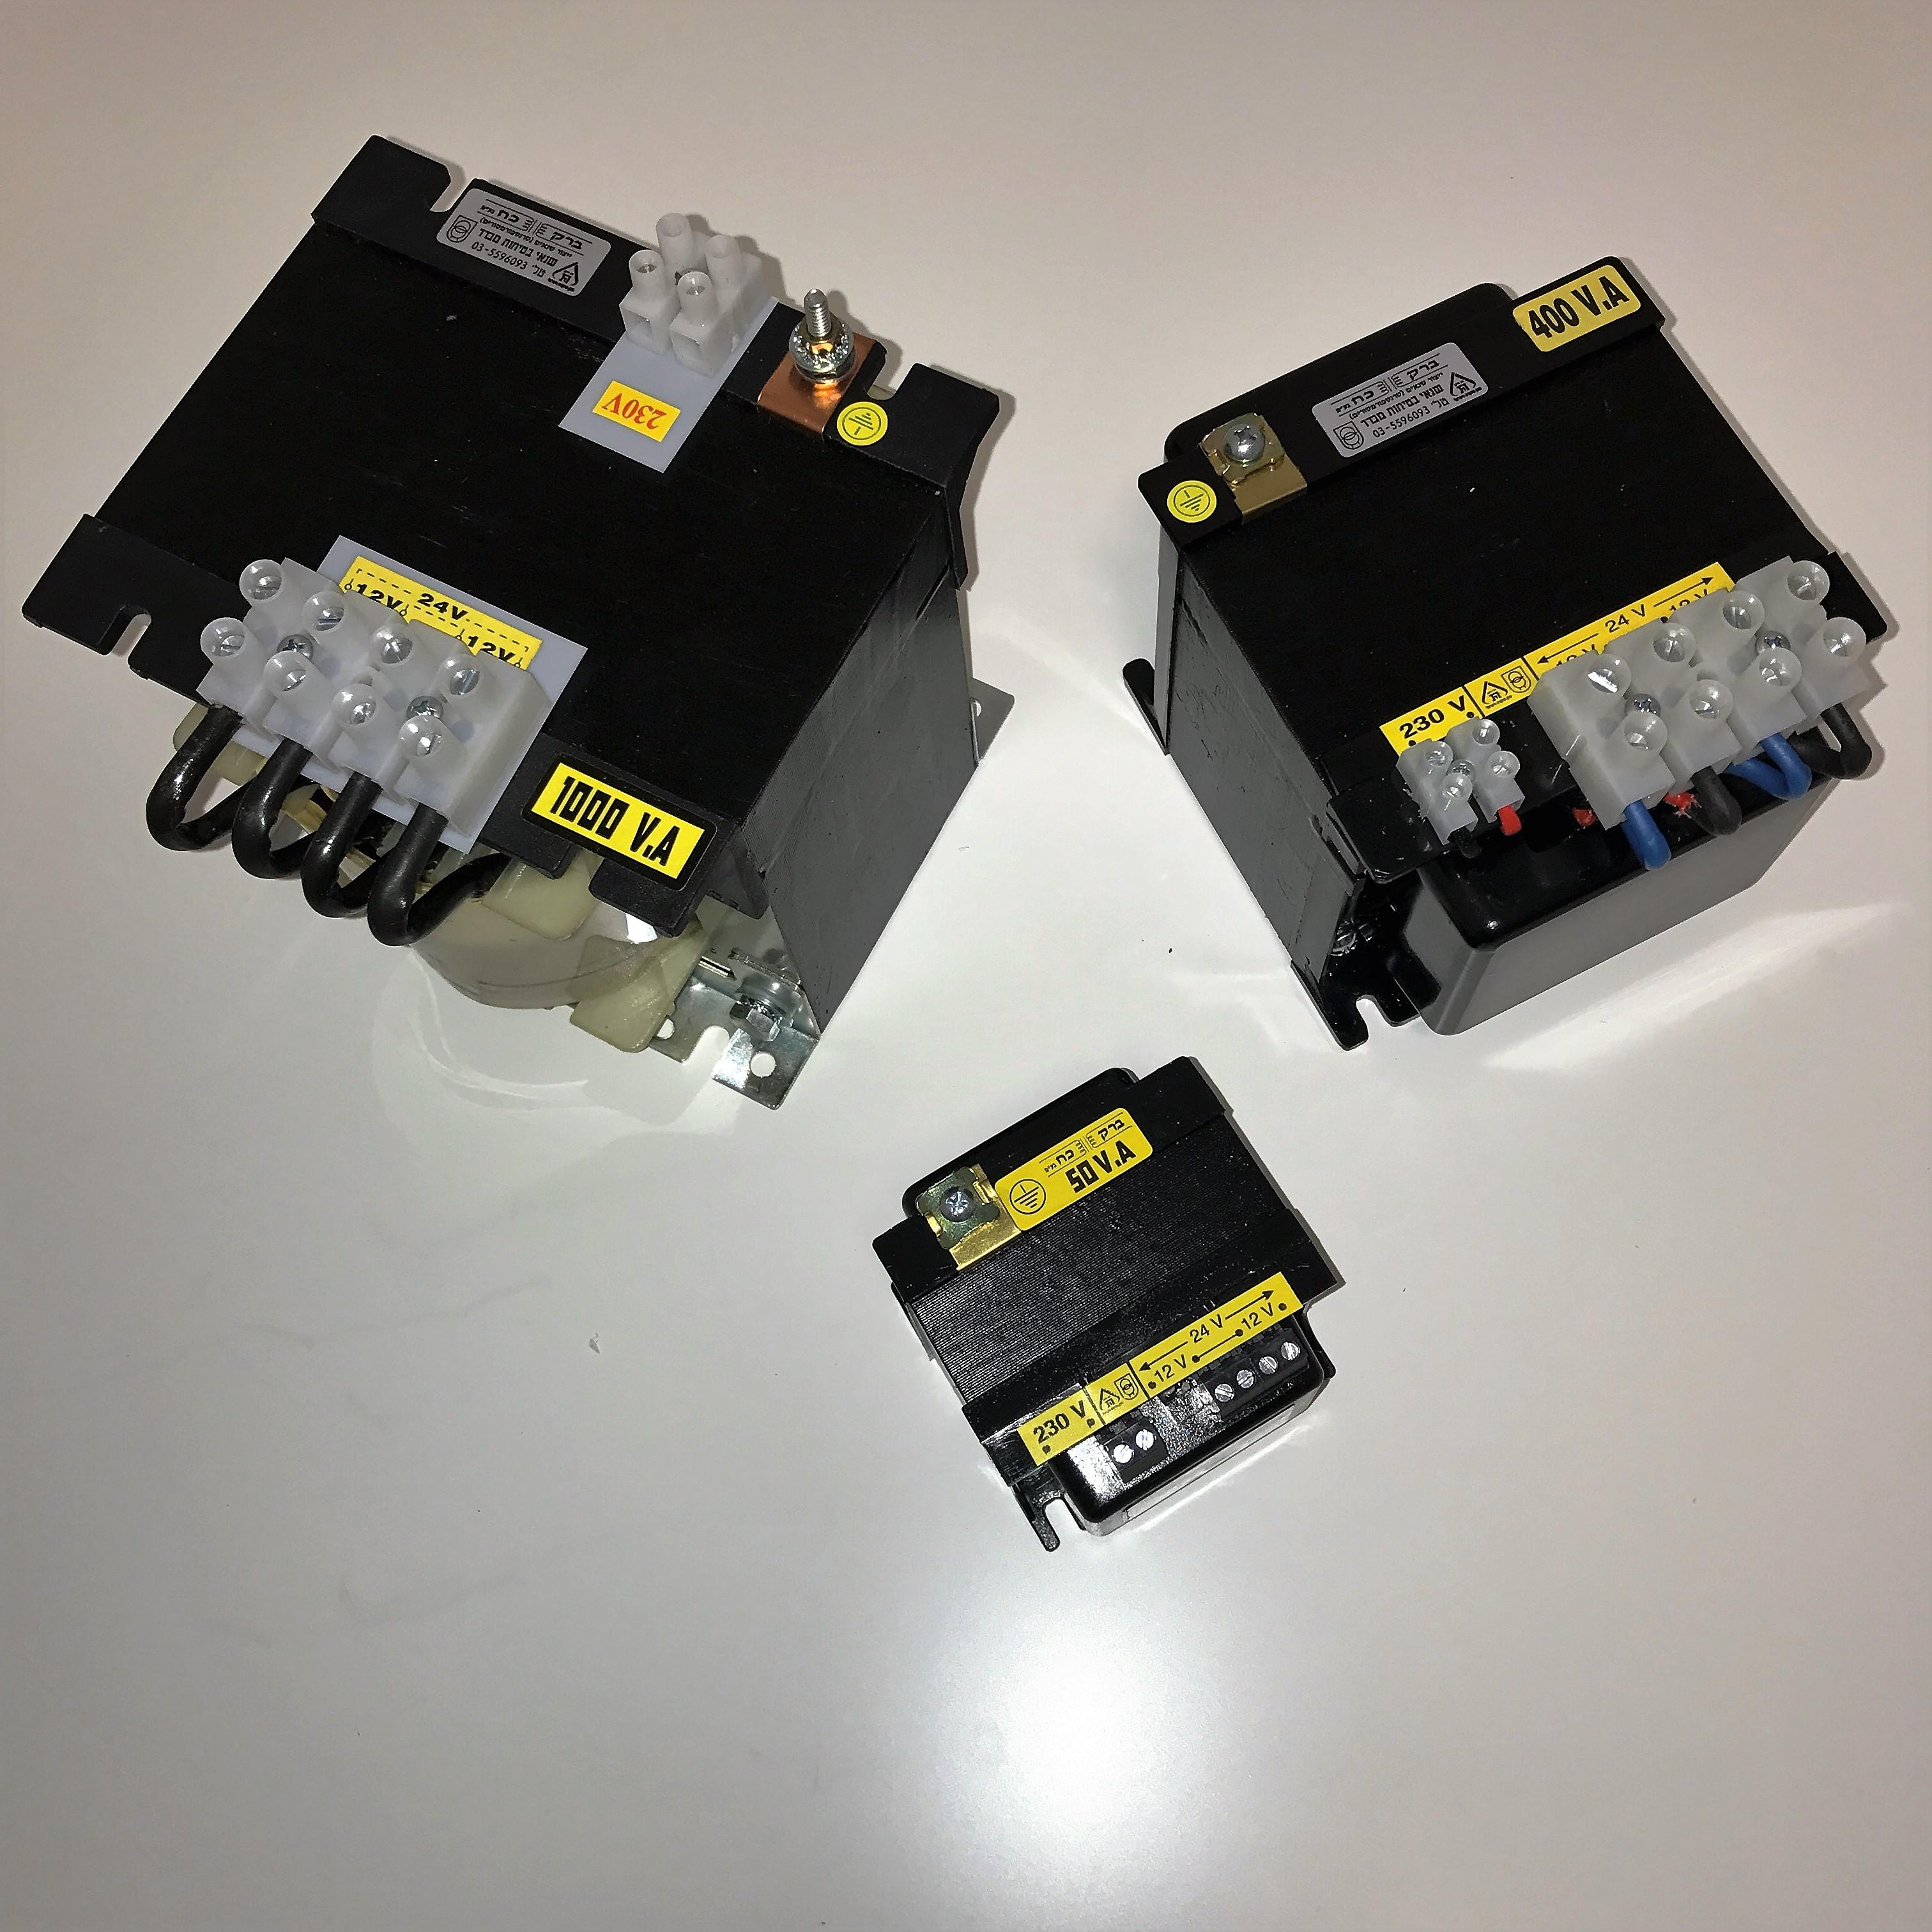 שנאי מבדל בהספק 7000VA במתחים 230V-12V+12V